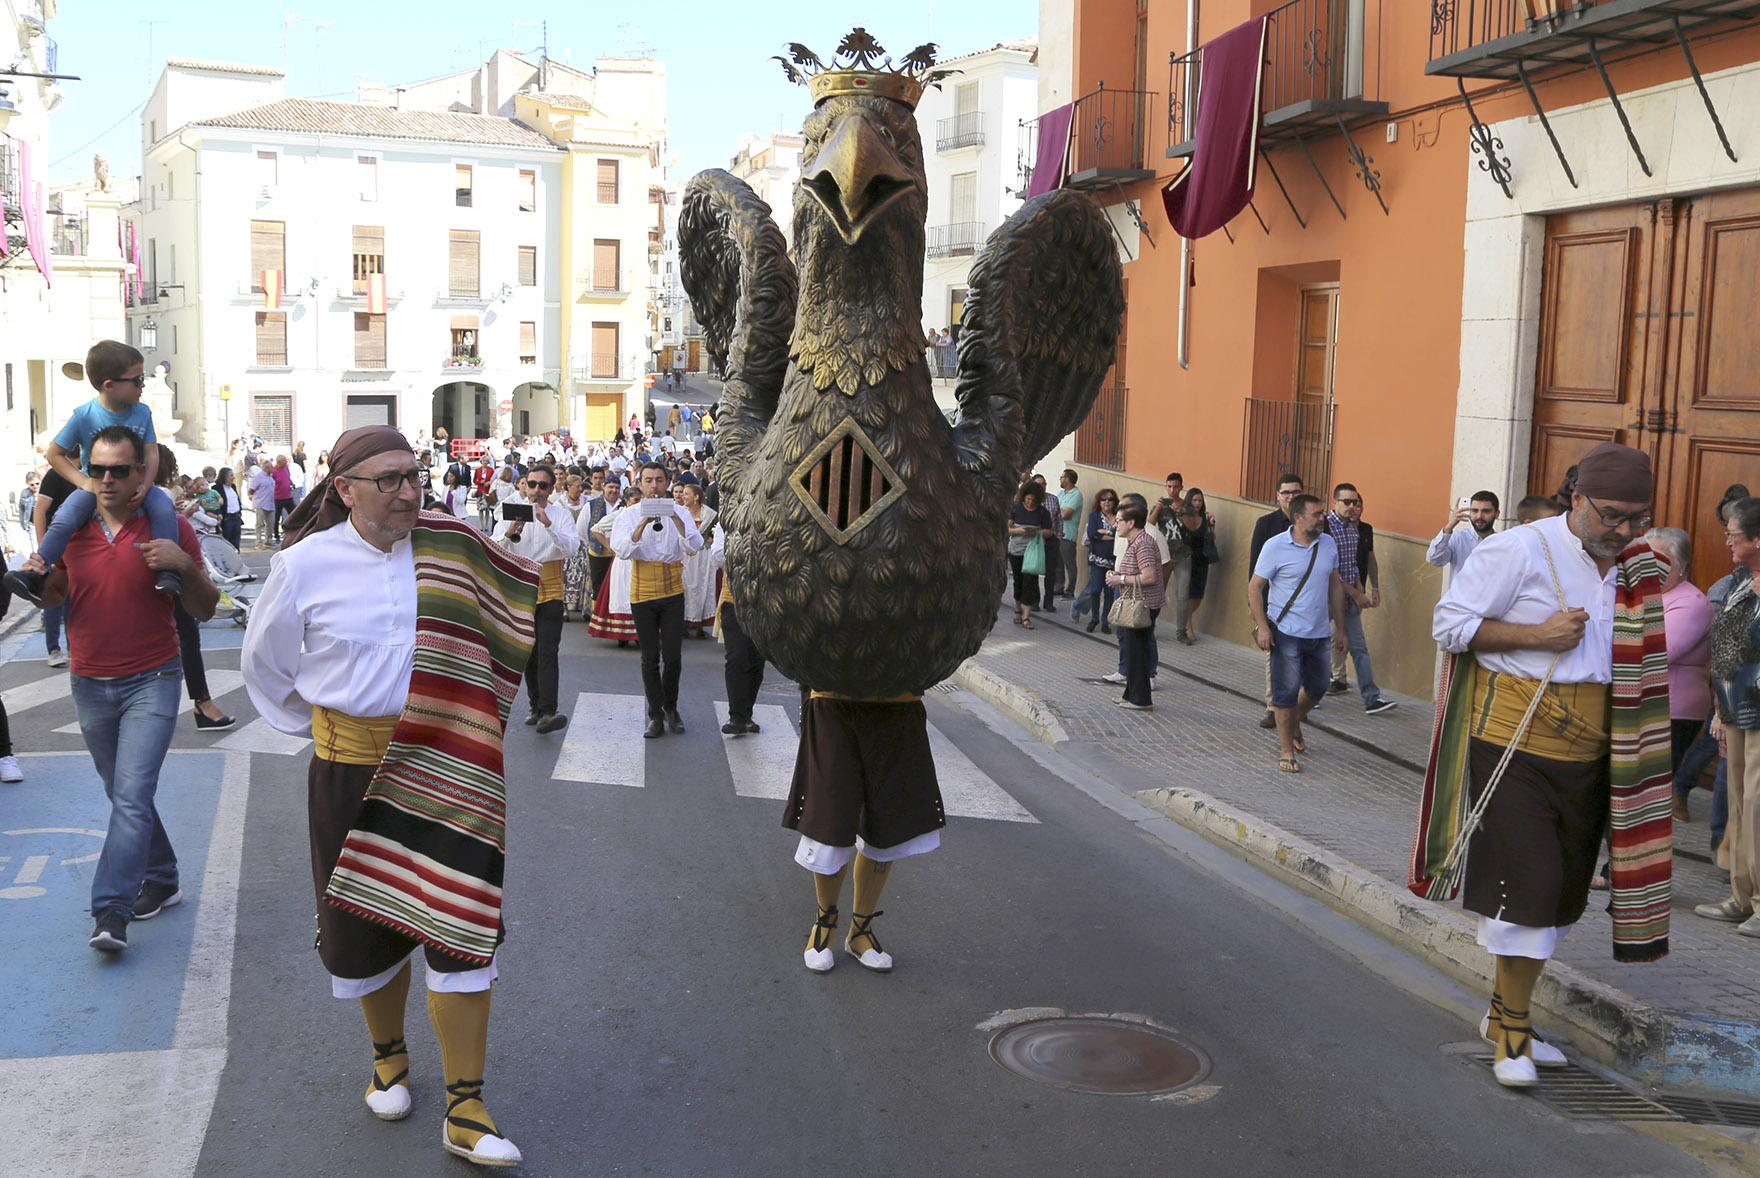 Premis i balls tradicionals per a celebrar el dia dels valencians El Periòdic d'Ontinyent